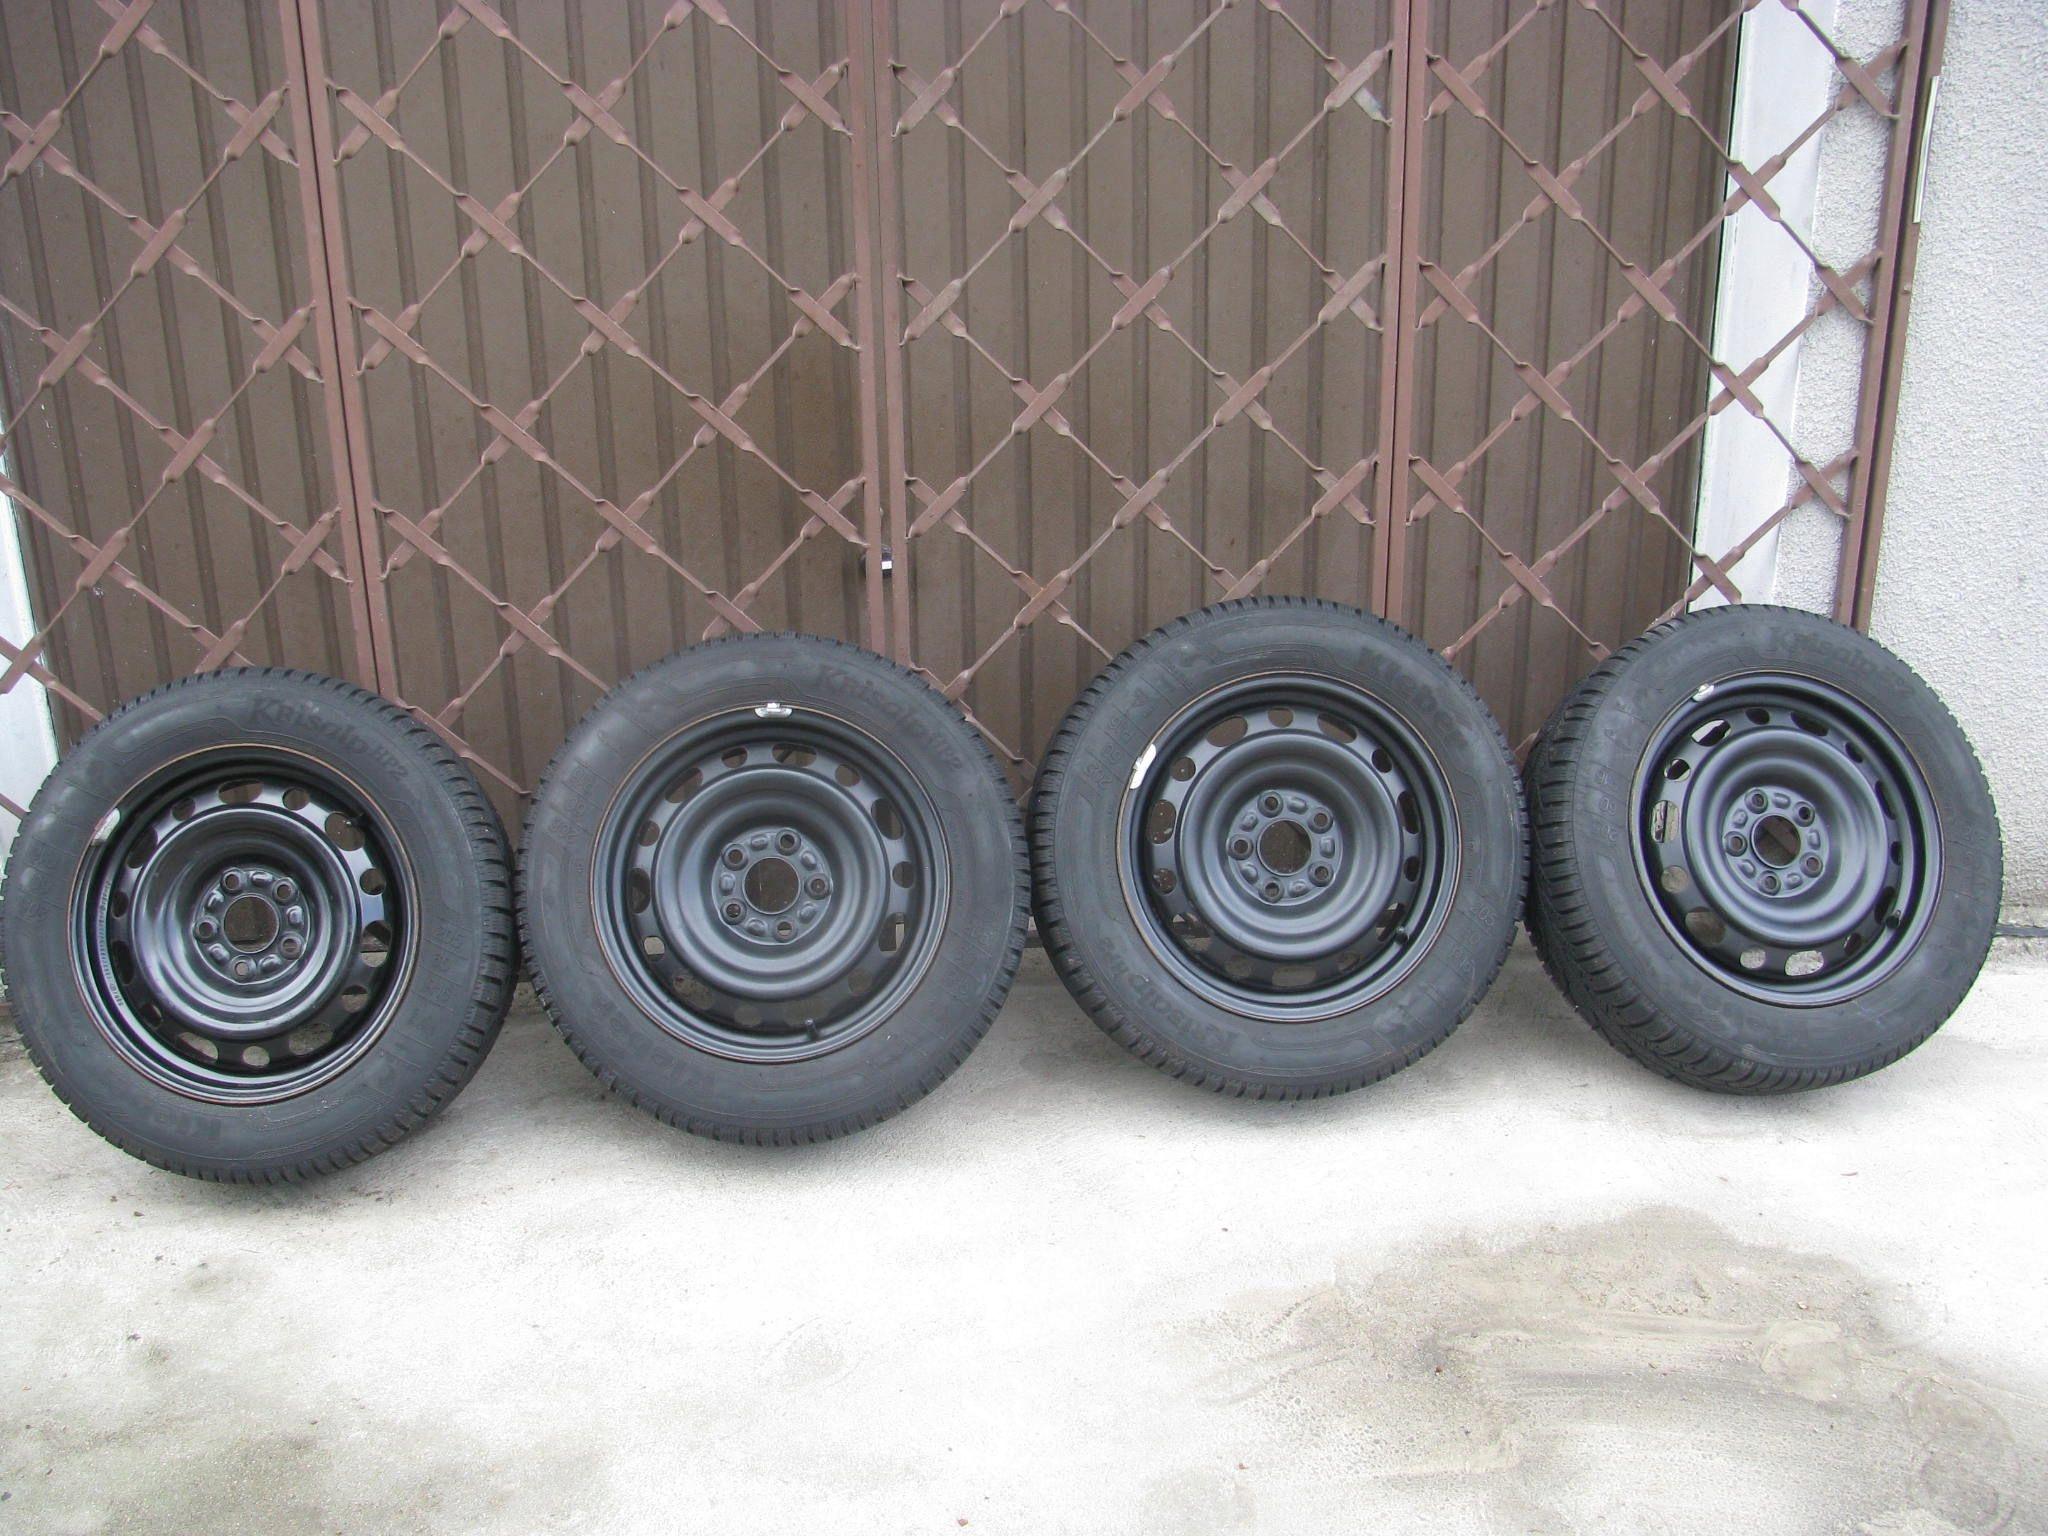 Mazda 3 Koła Felgi Opony 20560 R16 Zima 7676229253 Oficjalne